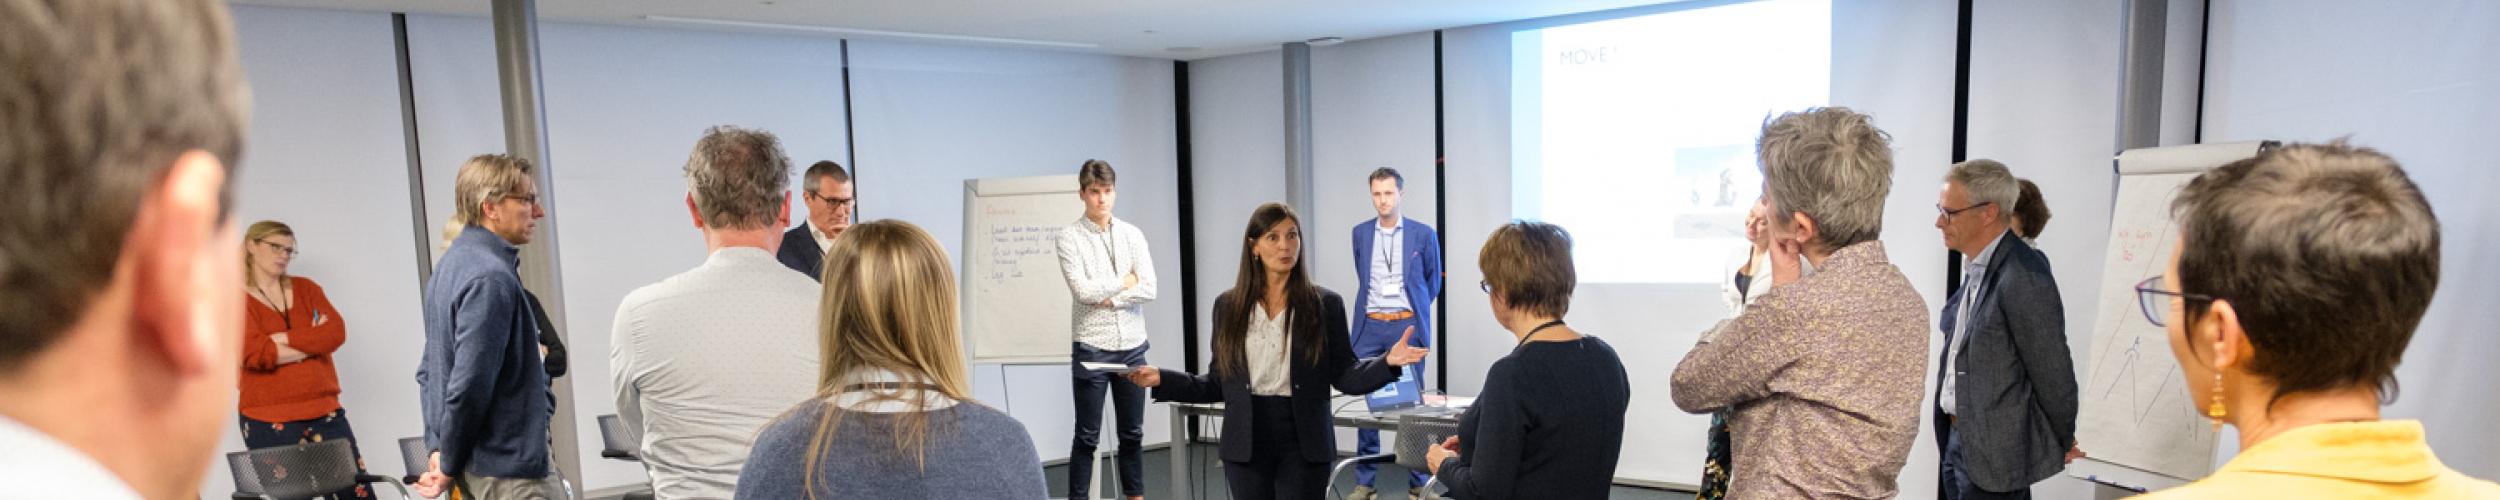 Teamcoaching: maak van uw groep een team